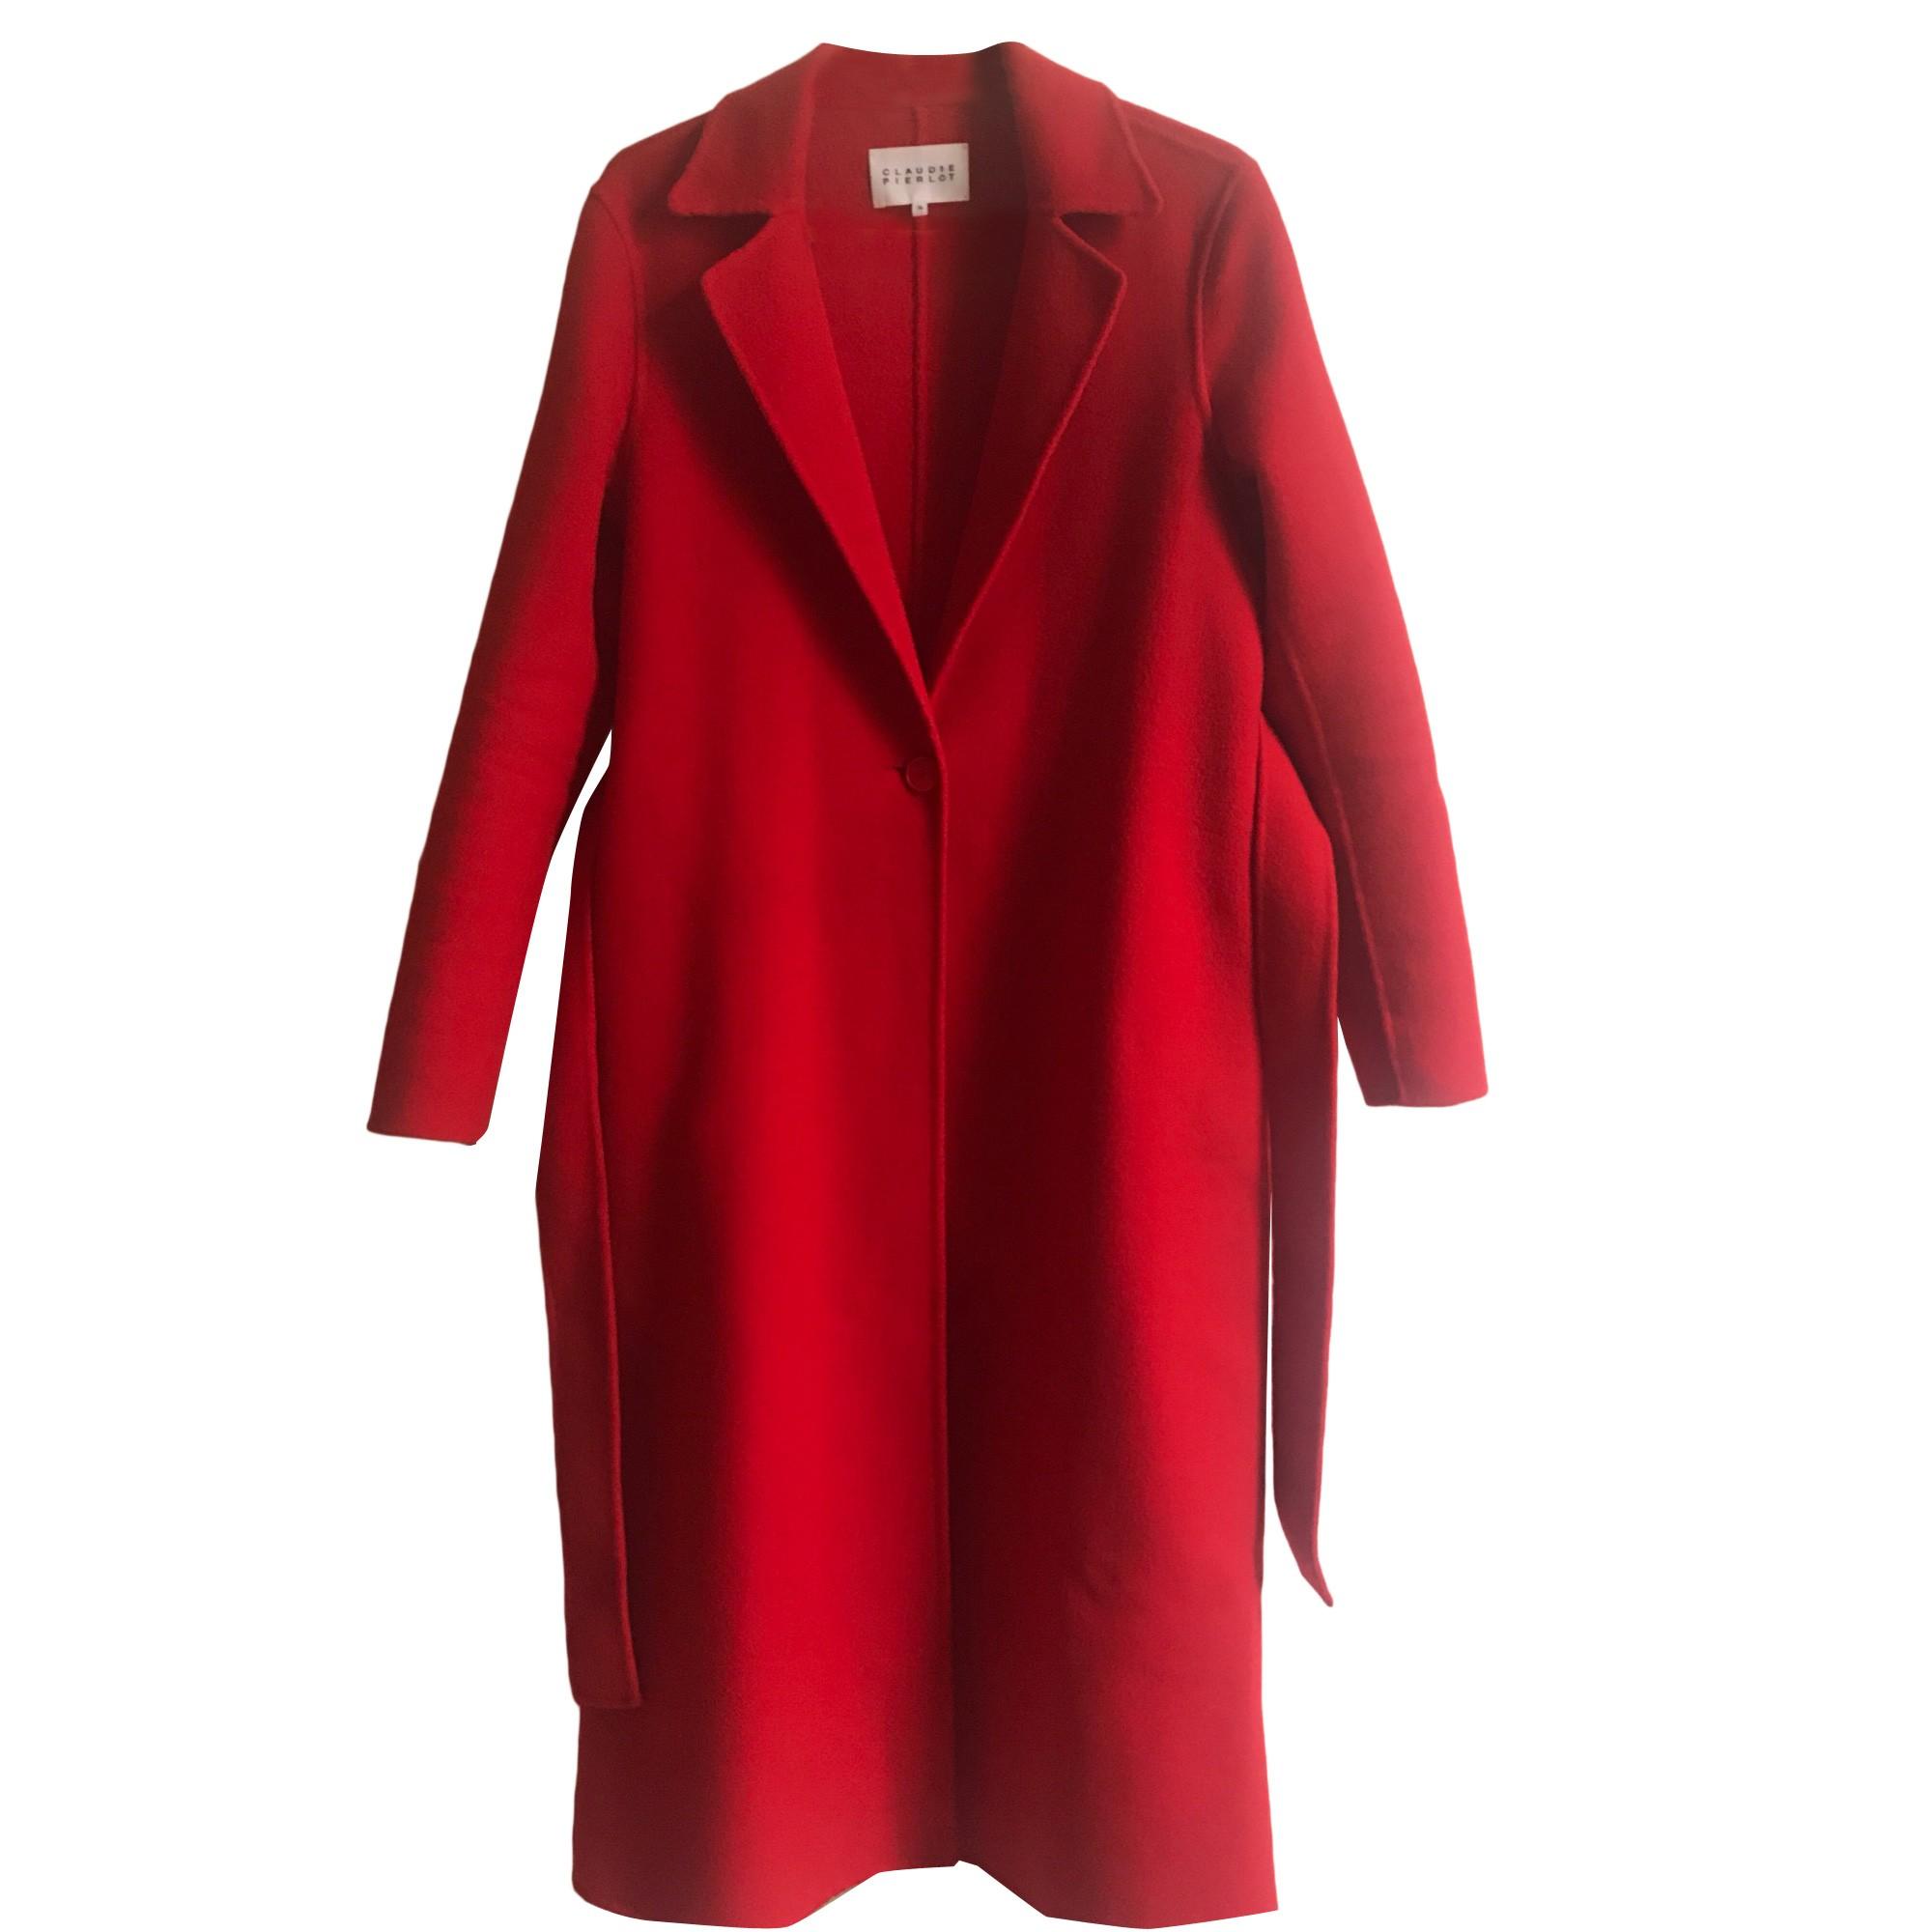 Manteau CLAUDIE PIERLOT Rouge, bordeaux